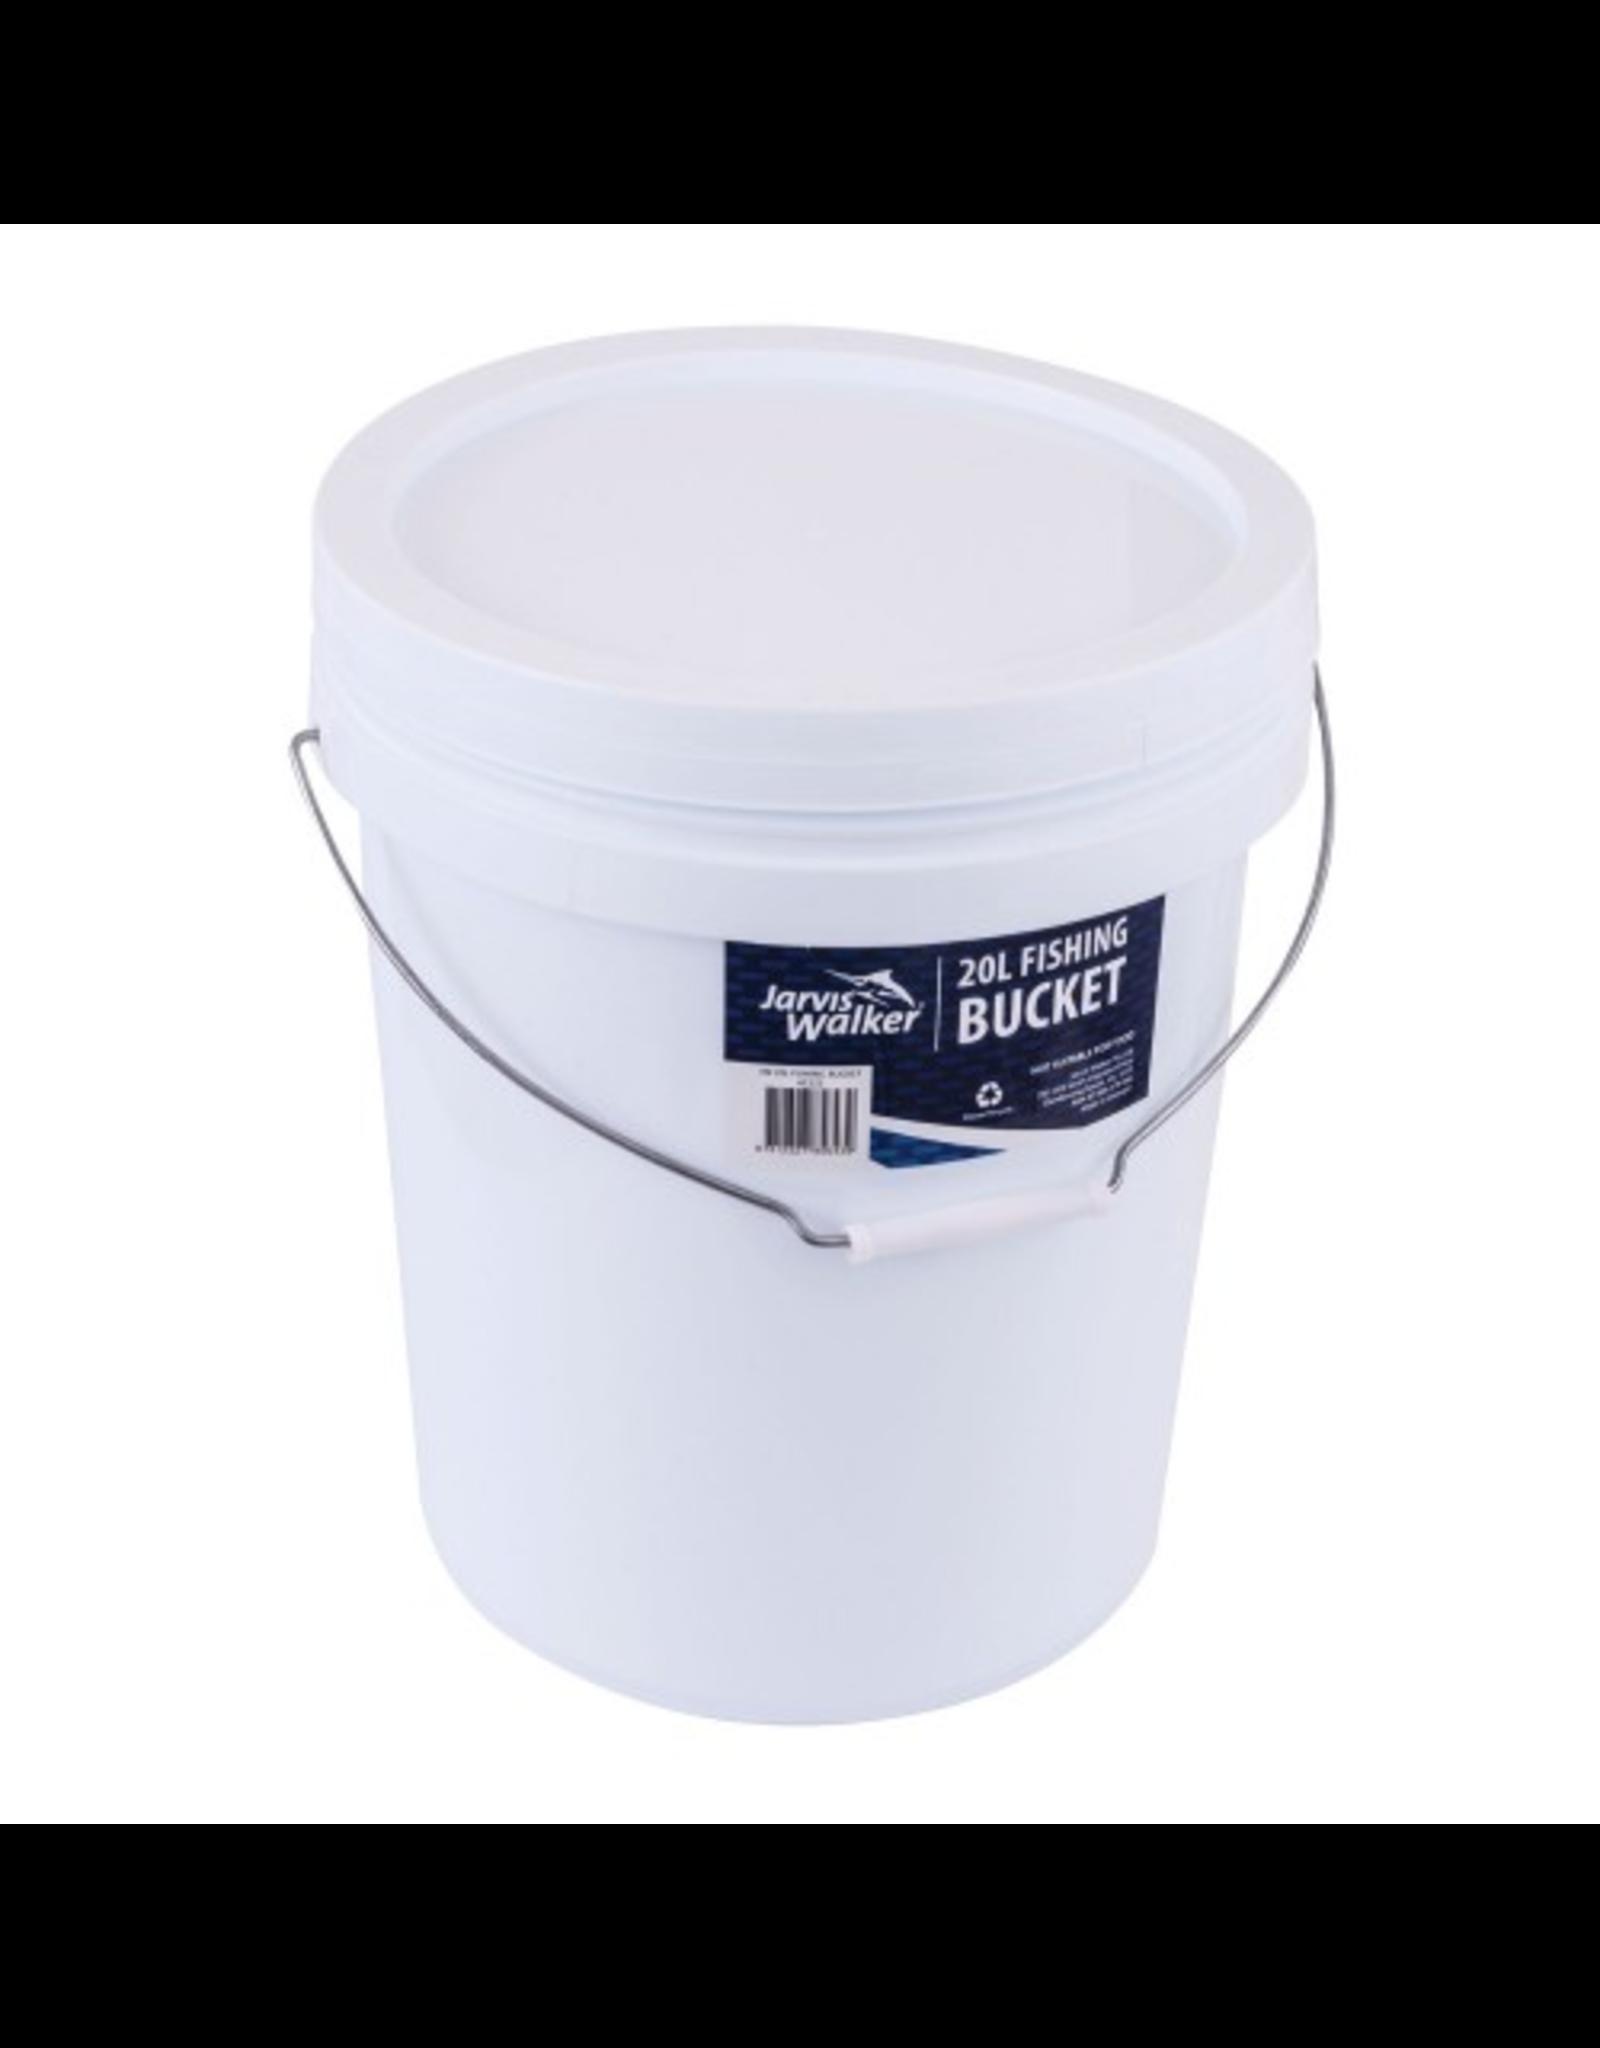 Jarvis Walker 20l Fishing Bucket